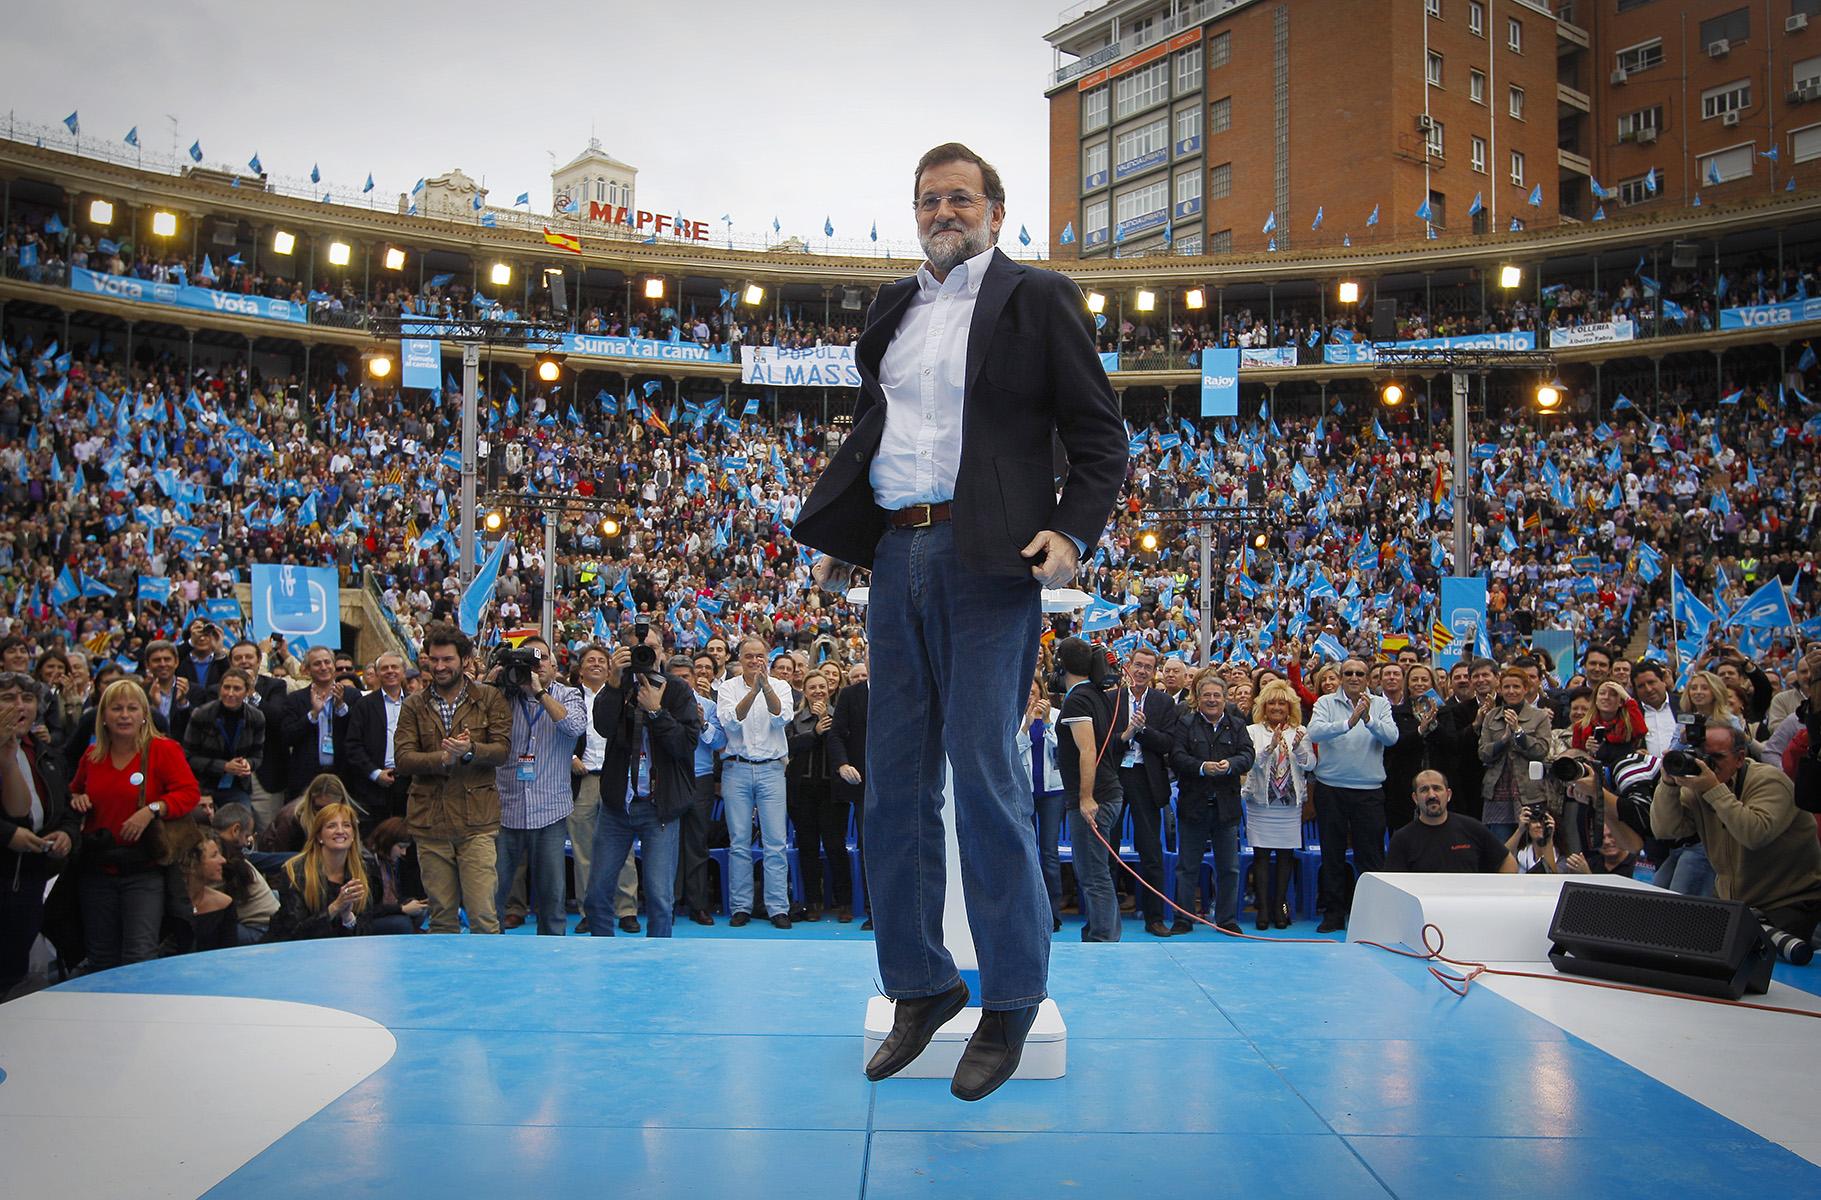 MITIN DE MARIANO RAJOY EN VALENCIA _ ELECCIONES GENERALES 2011© ALBERTO R. ROLDAN13 11 2011